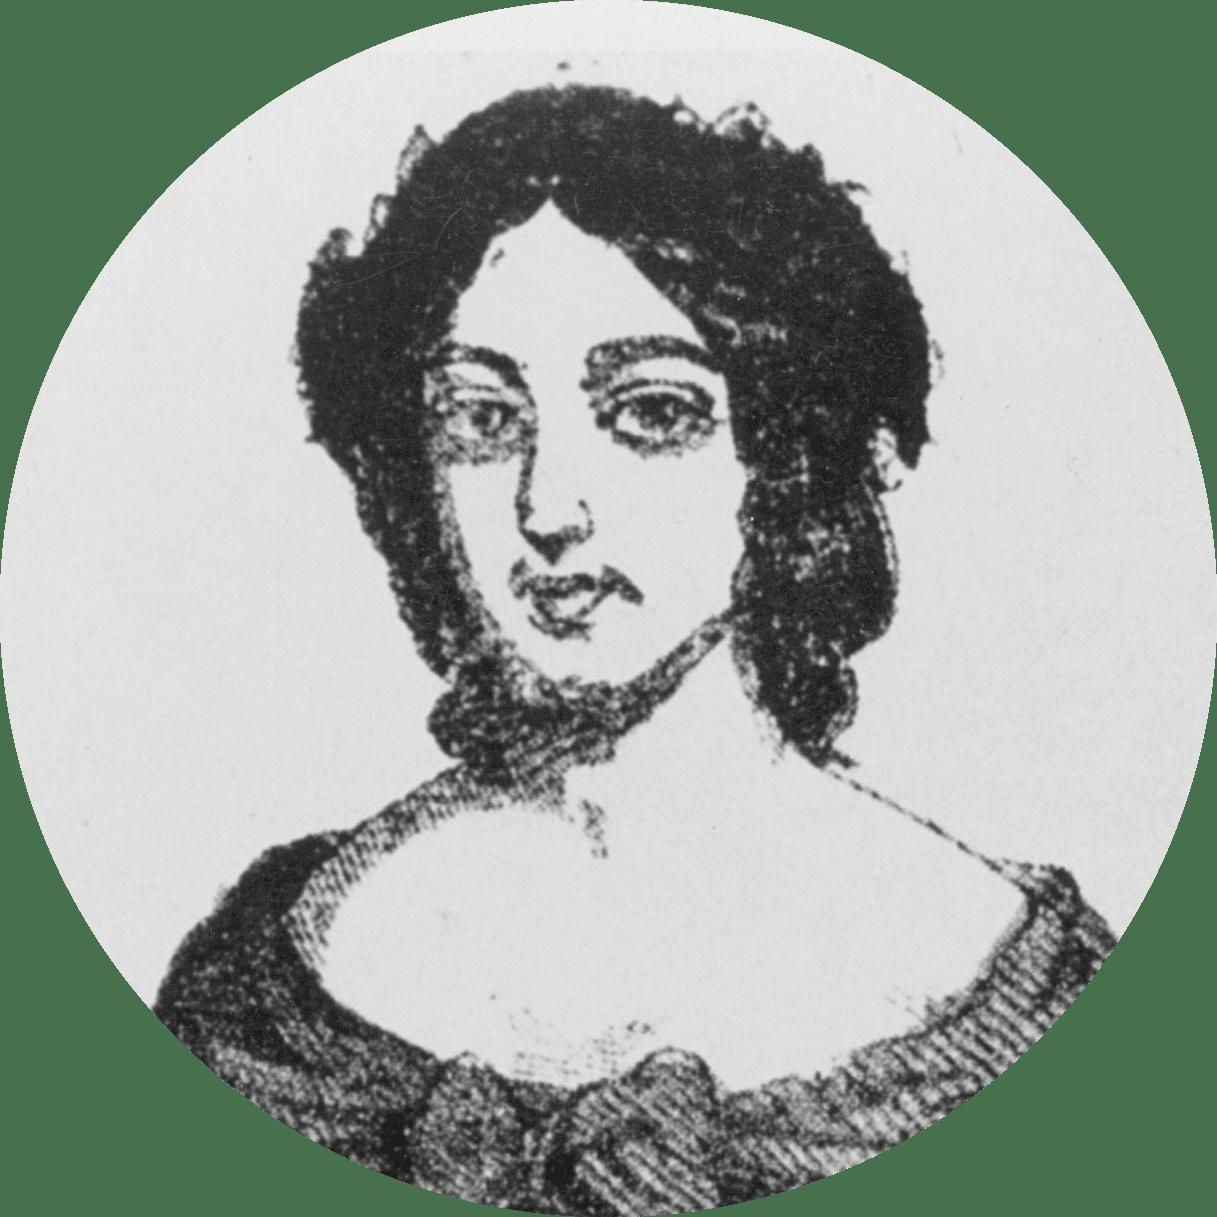 Jeanne Deroin (1805-1894)